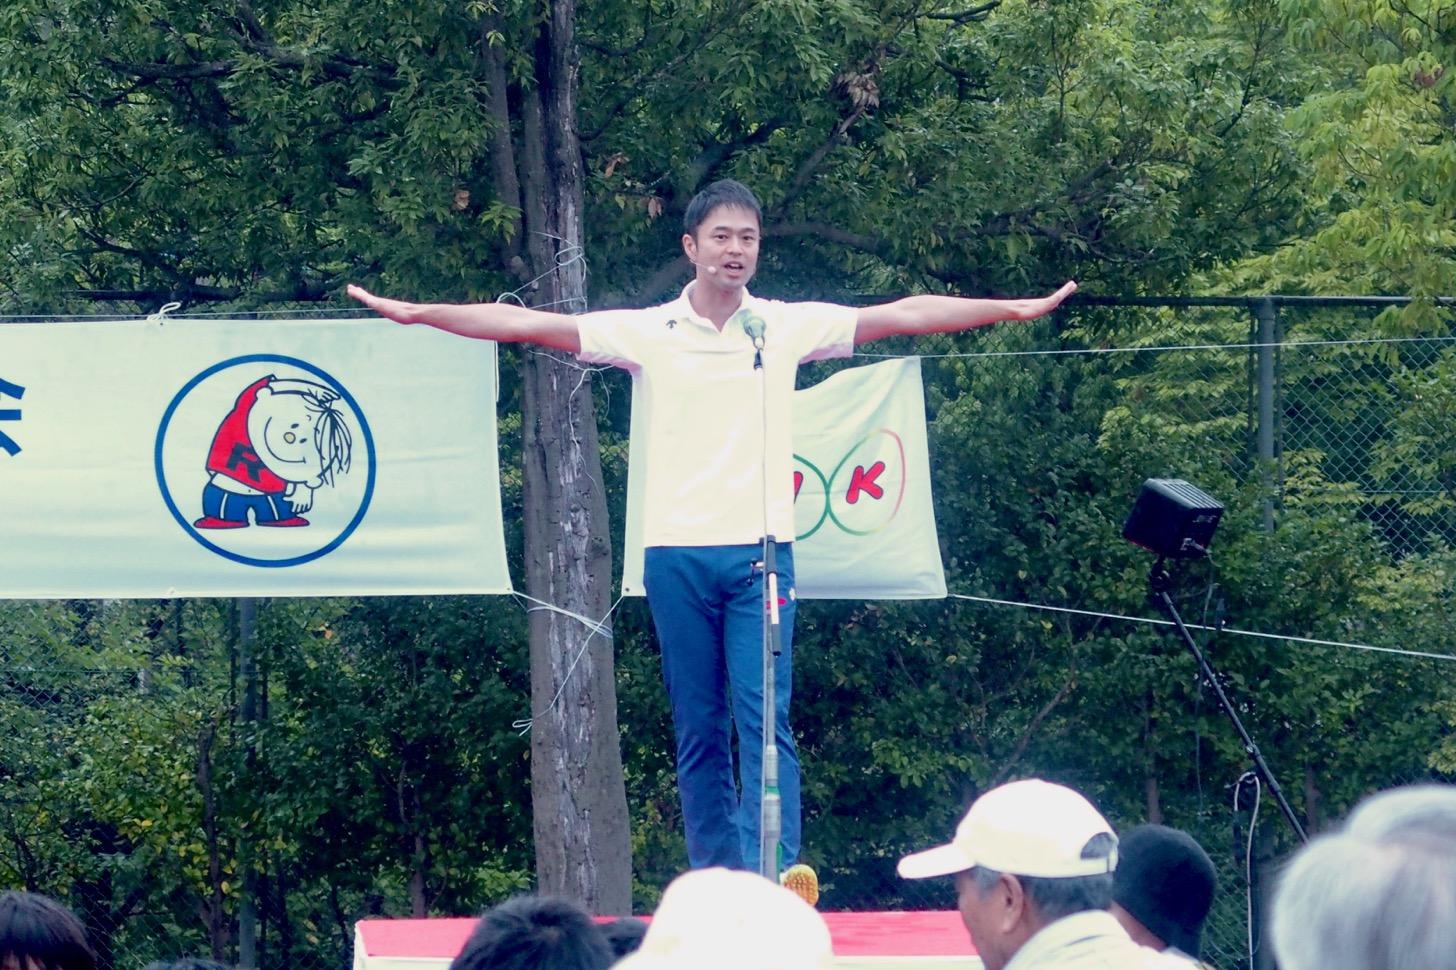 宝野公園で「夏期巡回ラジオ体操・みんなの体操会」が実施